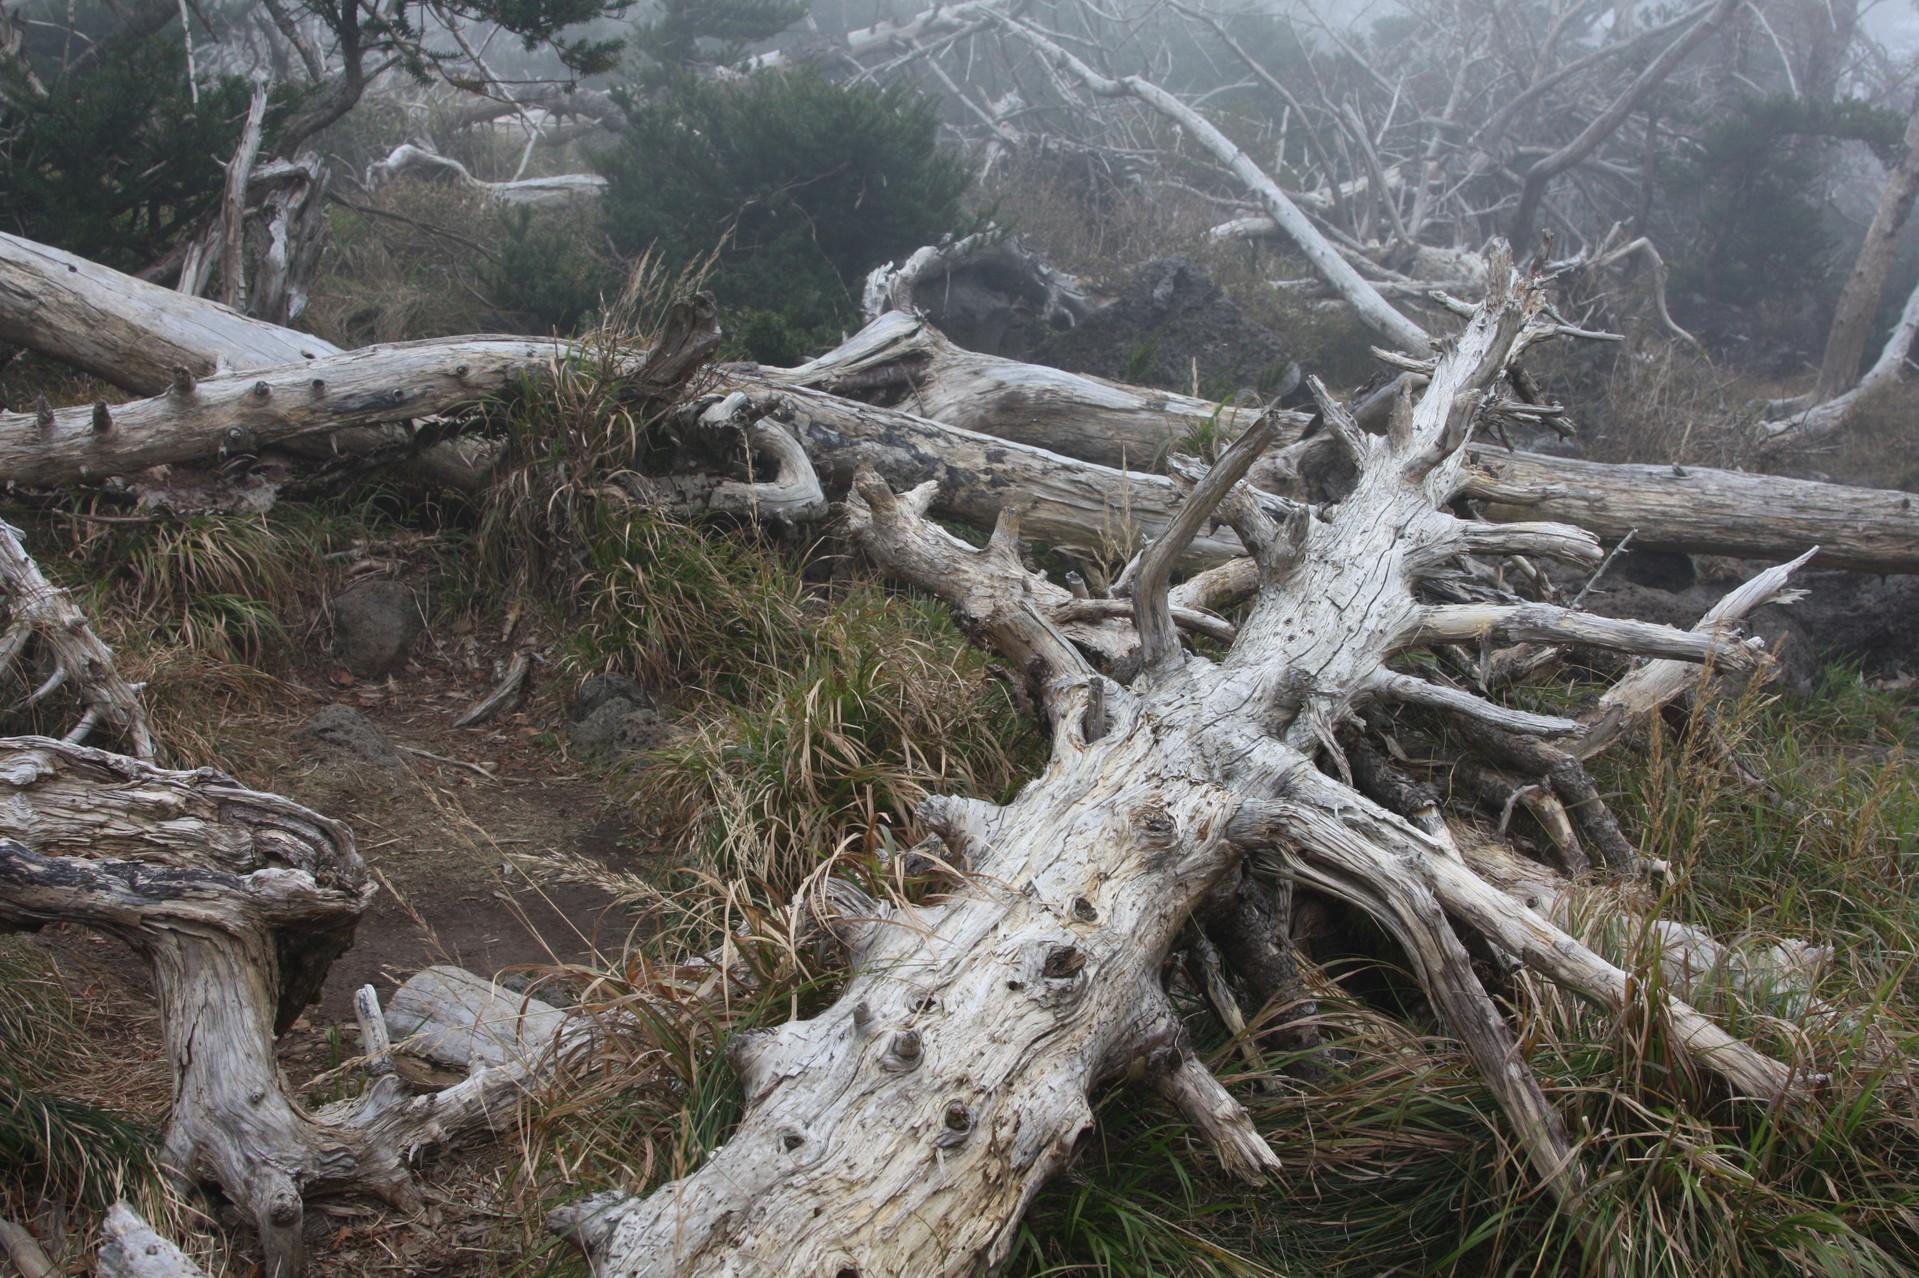 기후위기에 따른 고산 지대 칩엽수 떼죽음의 현장